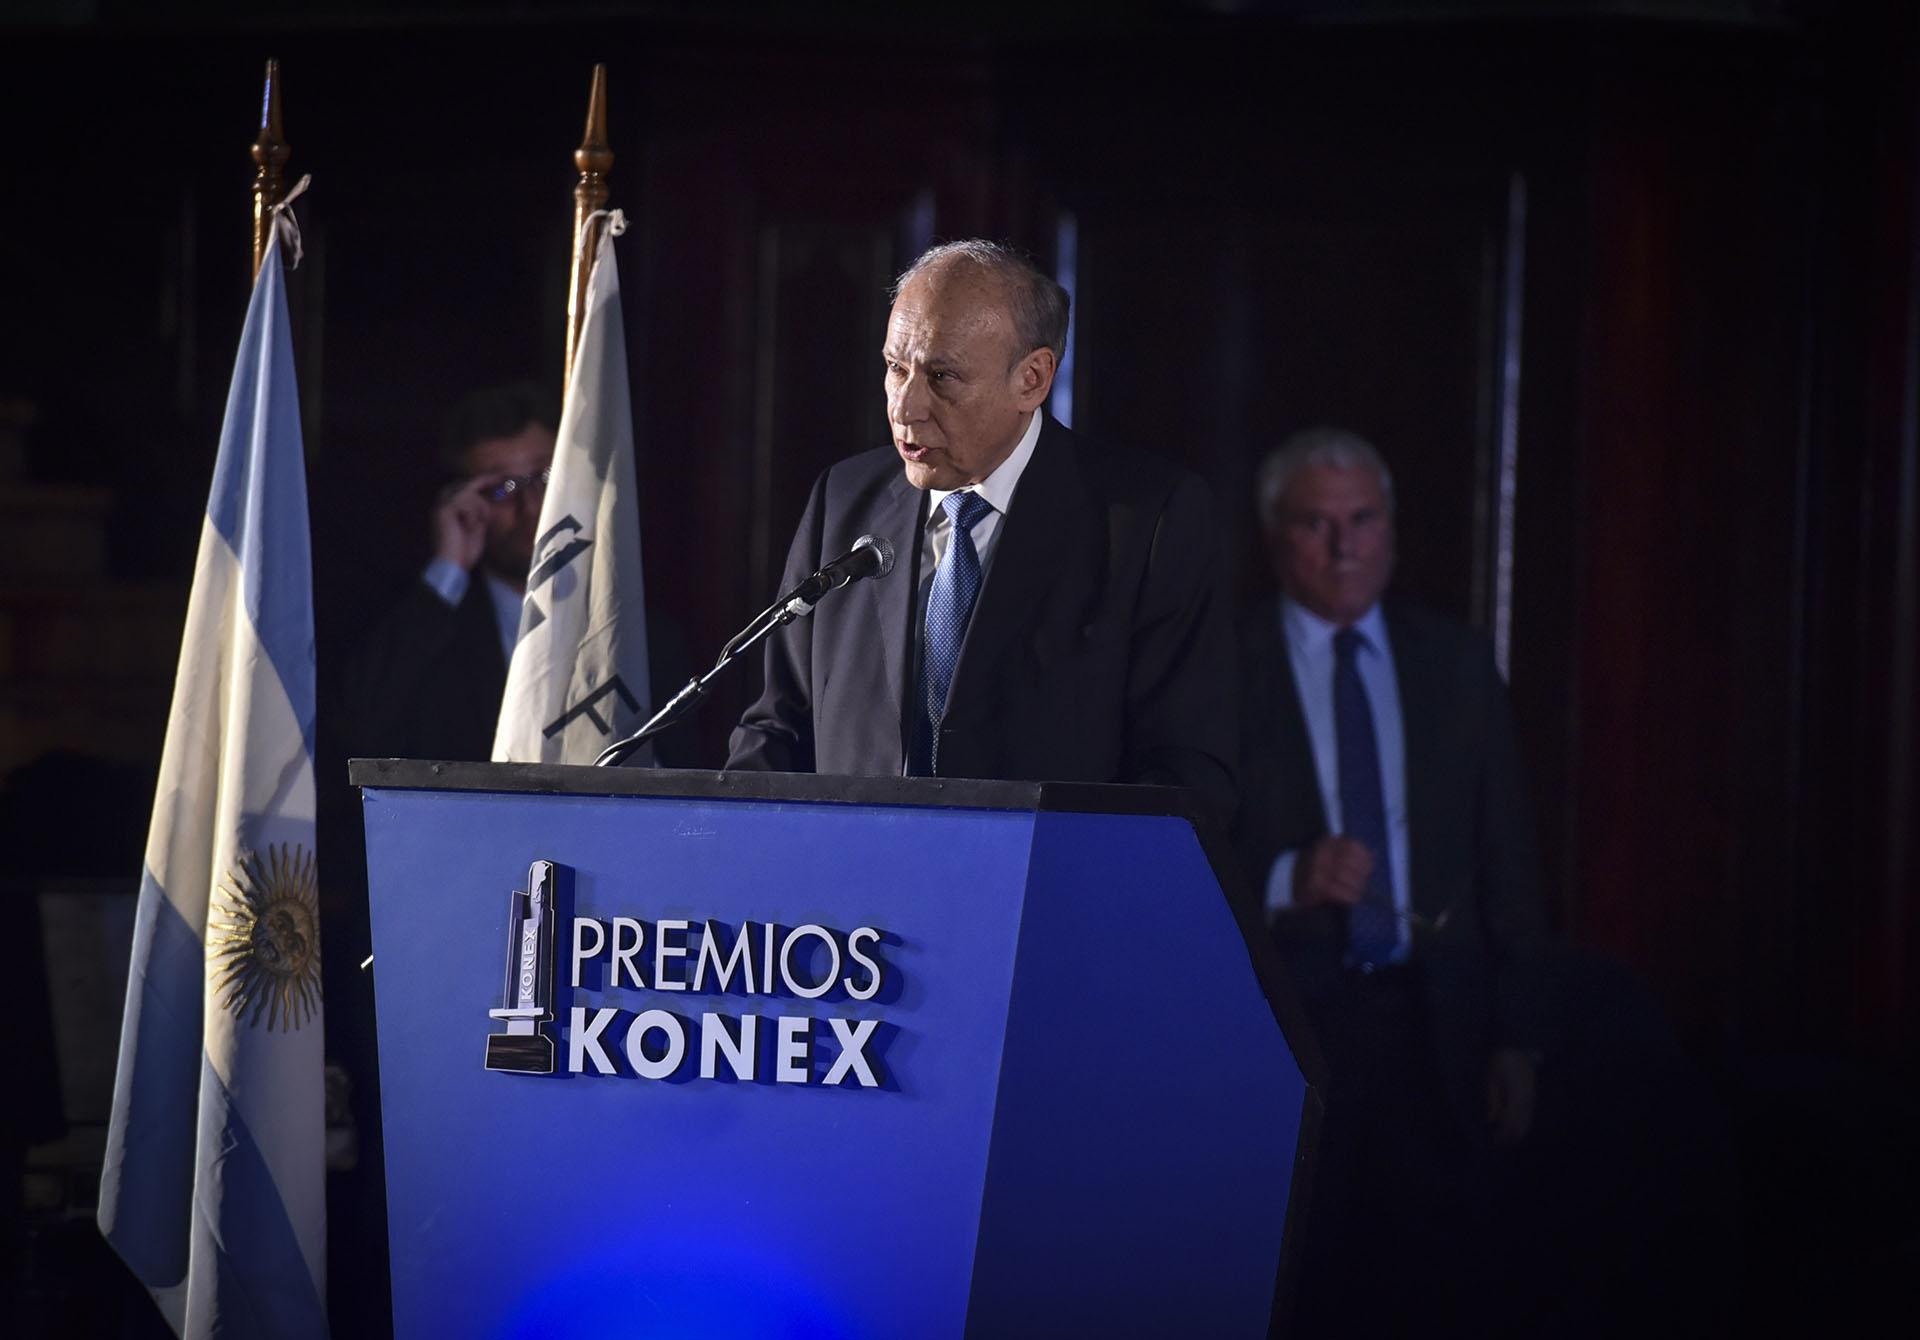 El presidente de la Fundación Konex, Luis Ovsejevich. Cada año y desde 1980, la Fundación Konex premia a una actividad diferente del amplio espectro cultural de la nación, en ciclos que se repiten cada 10 años